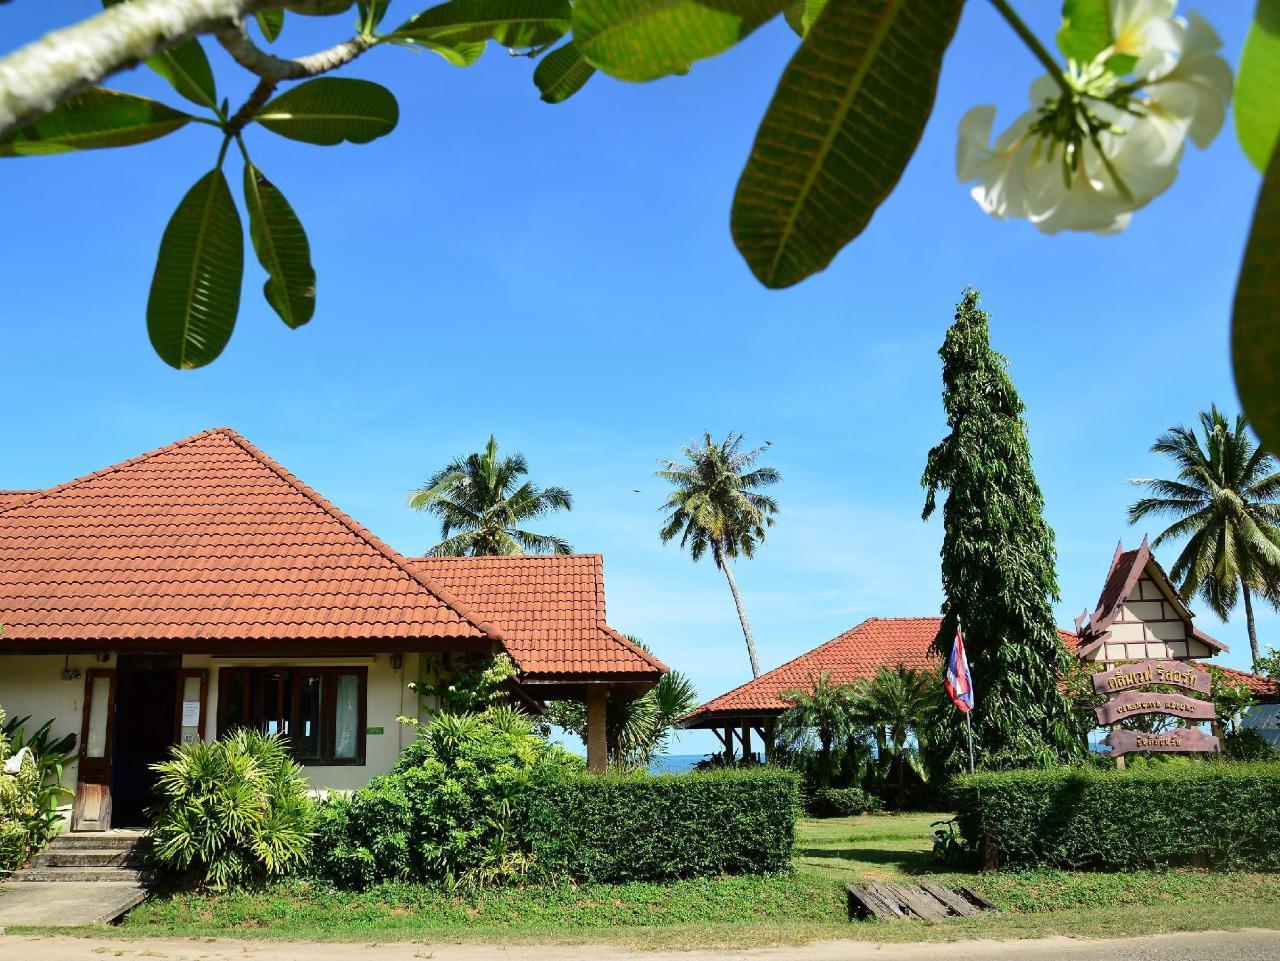 คลีนเวฟ รีสอร์ท (Clean Wave Resort)